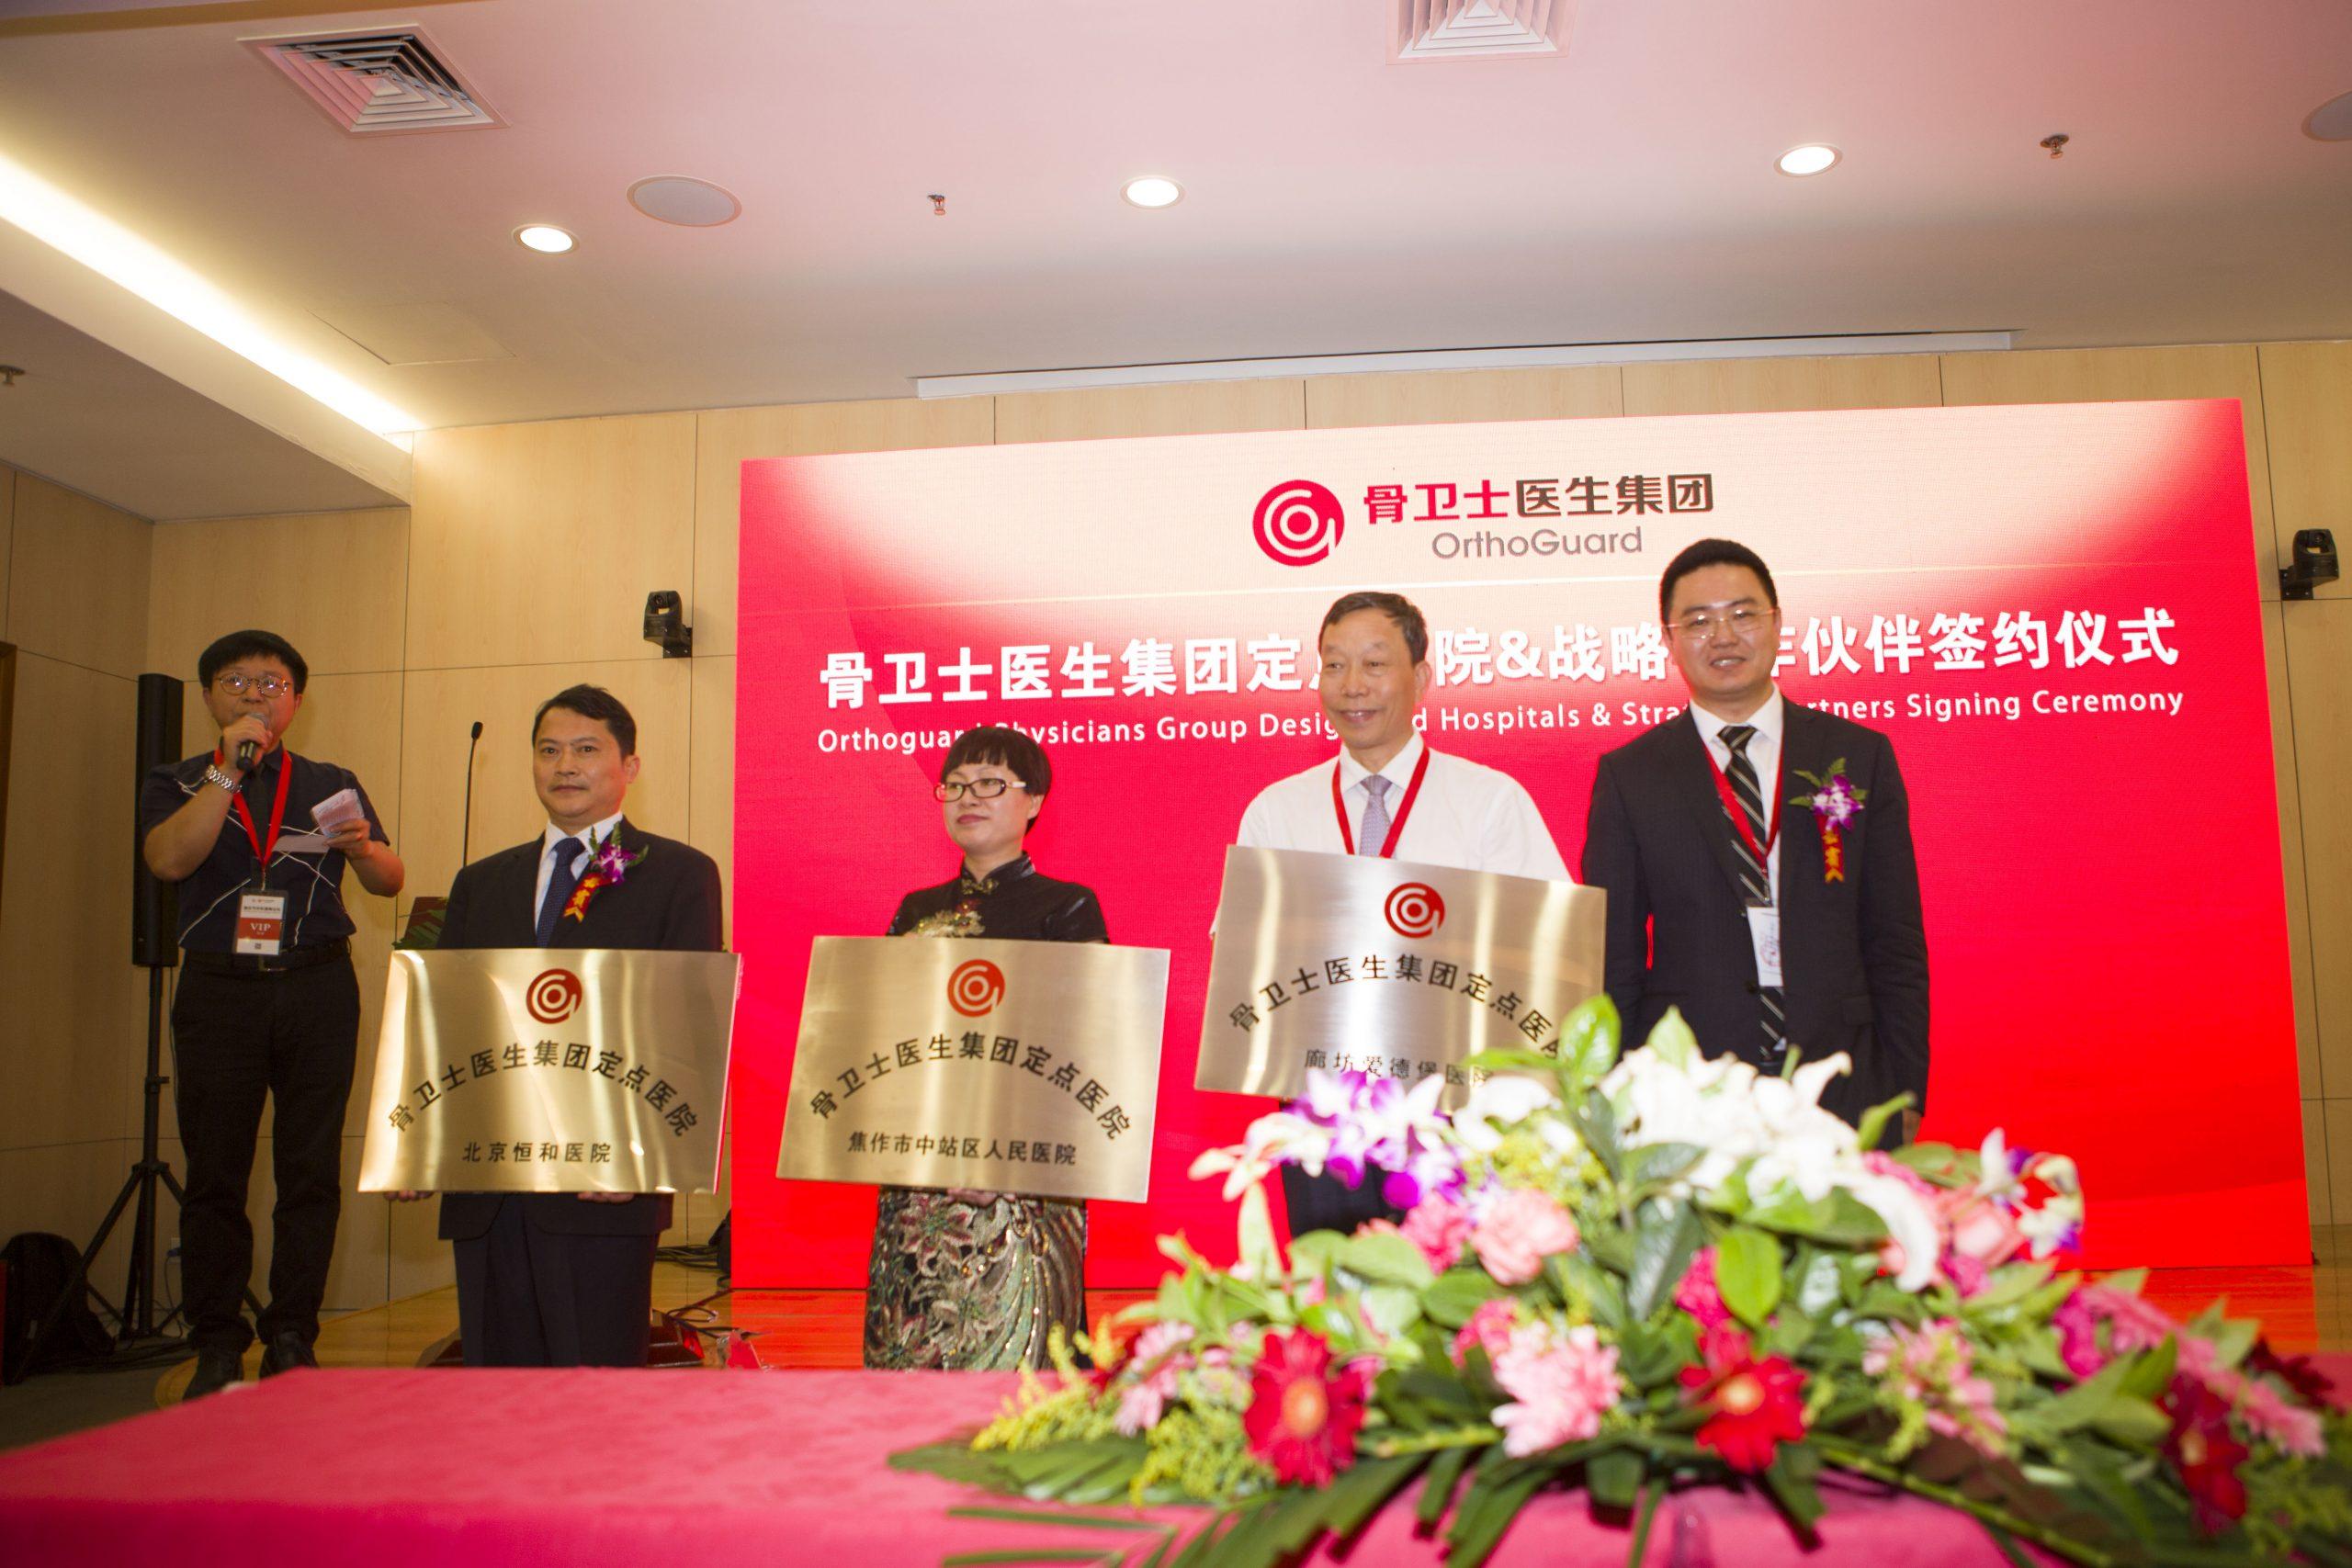 我院与骨卫士集团建立定点医院 打造廊坊的北京专家基地